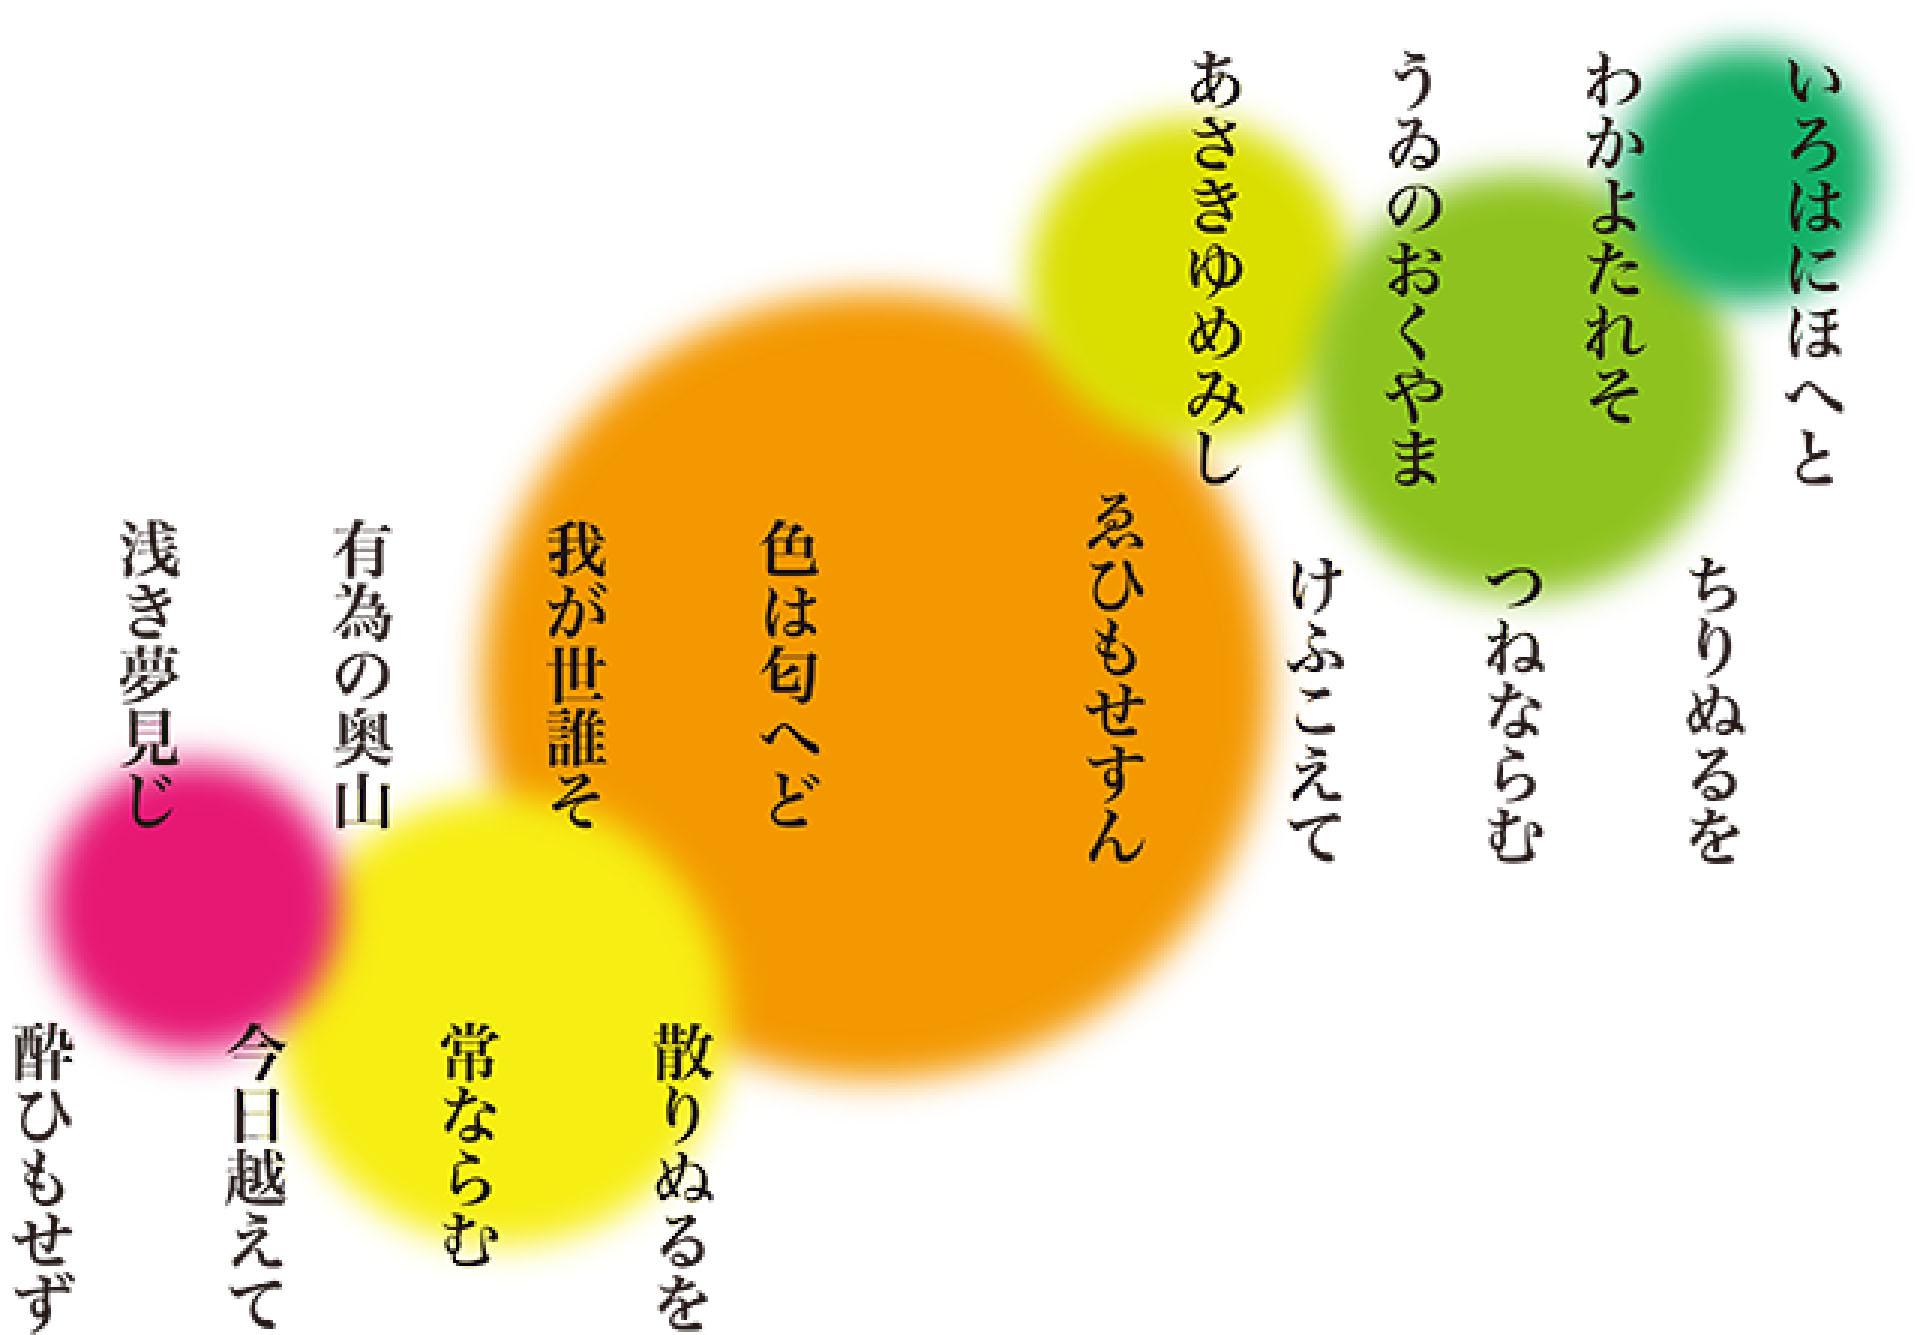 kannji.jpg